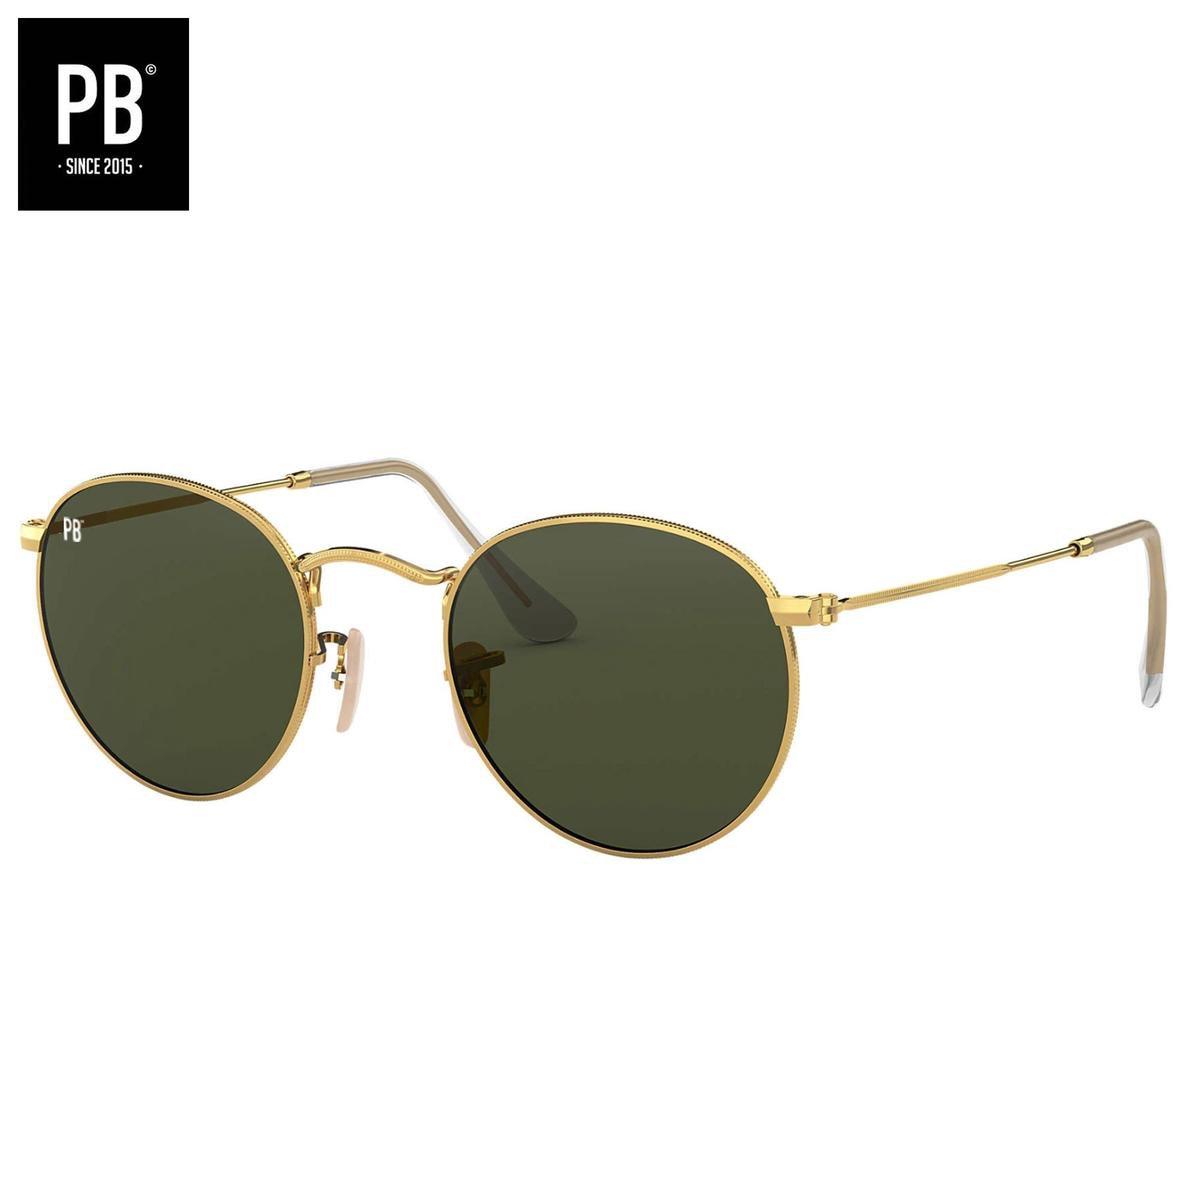 PB Sunglasses - Round Polarised   Zonnebril heren en dames - Gepolariseerd - Gouden montuur - Ronde zonnebril